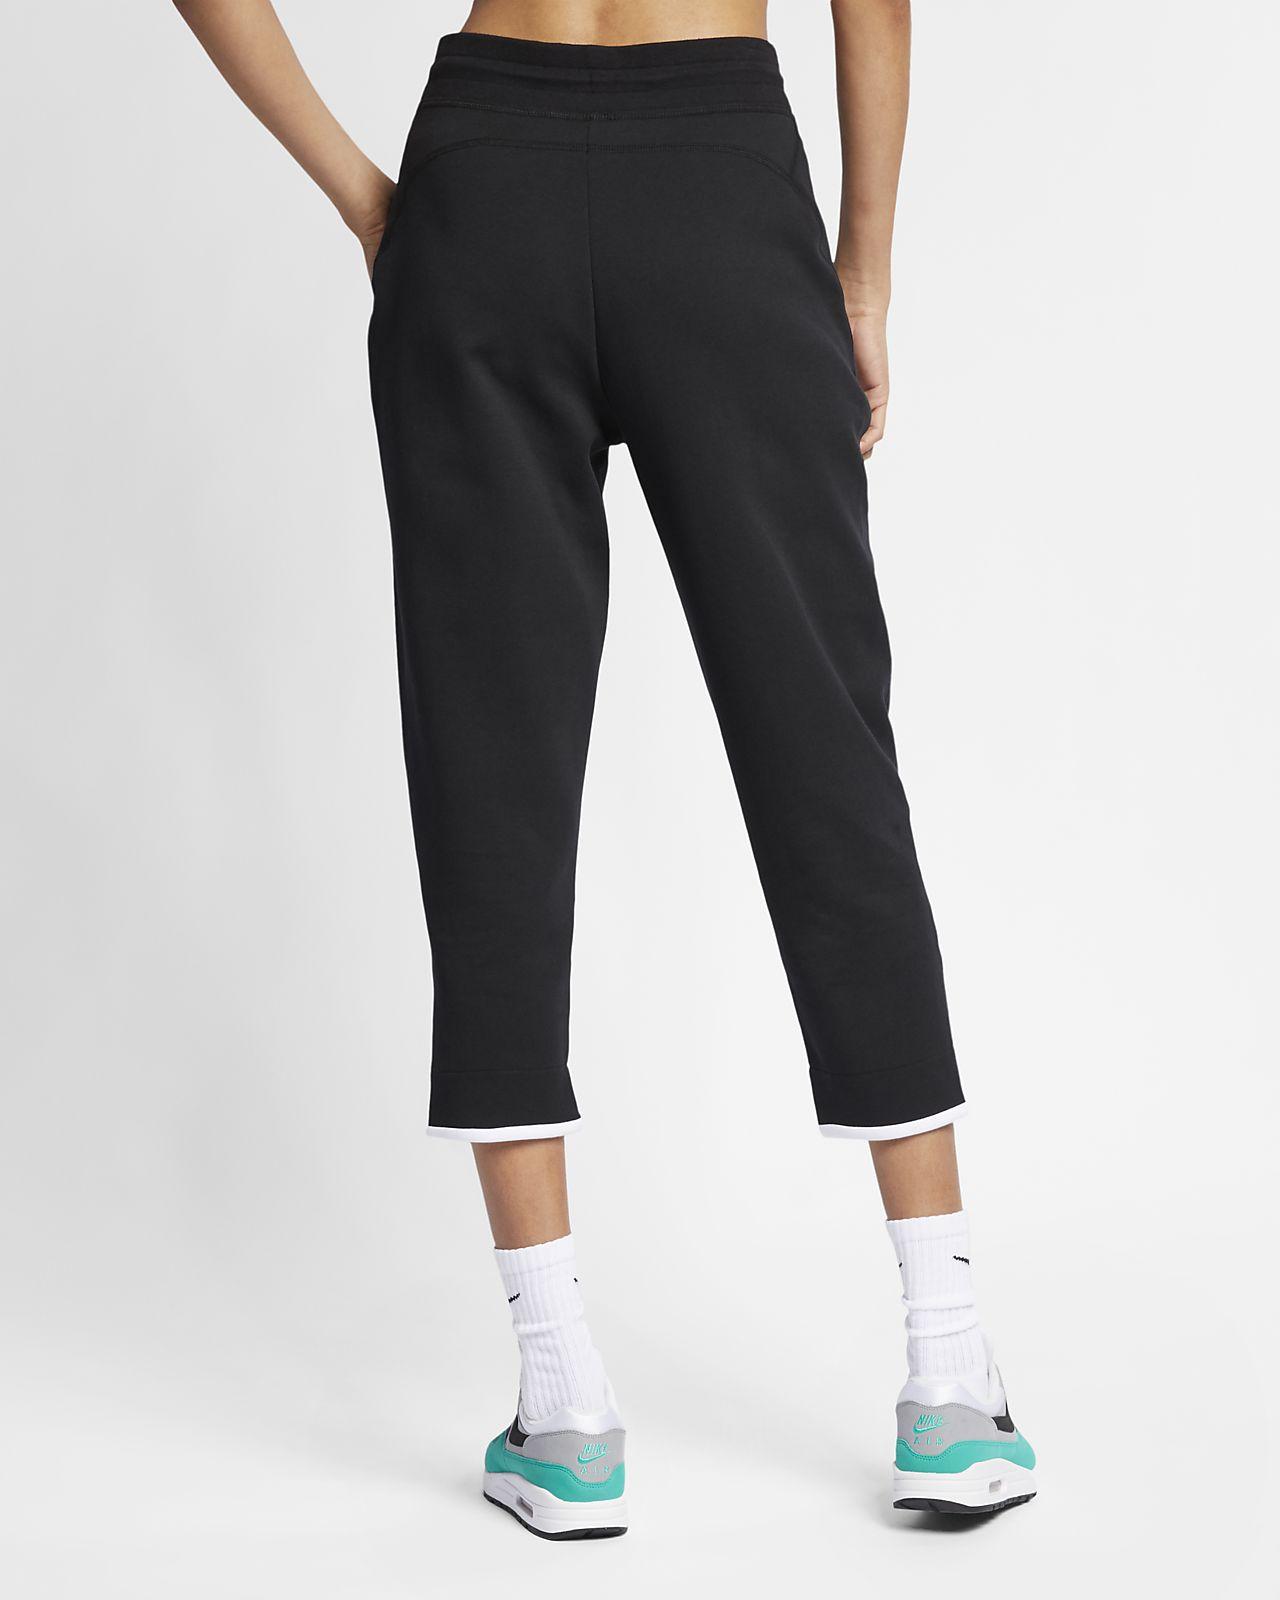 945144156e8e Nike Sportswear Tech Fleece női nadrág. Nike.com HU